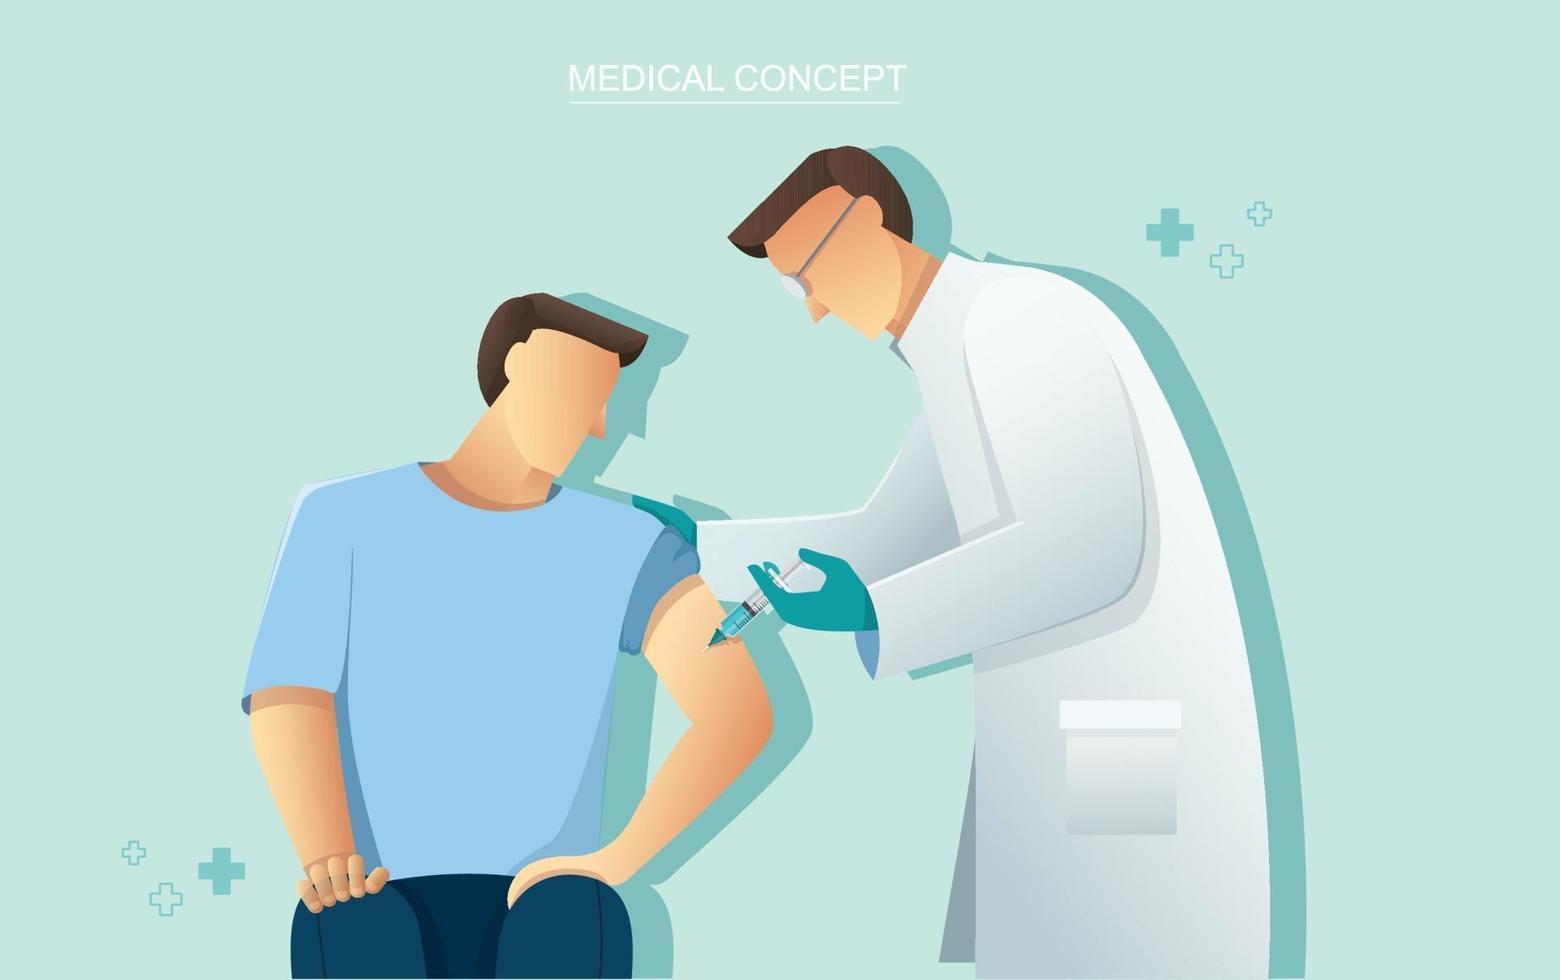 läkare som ger patientvaccin, medicinhälsokoncept, vektorillustration vektor